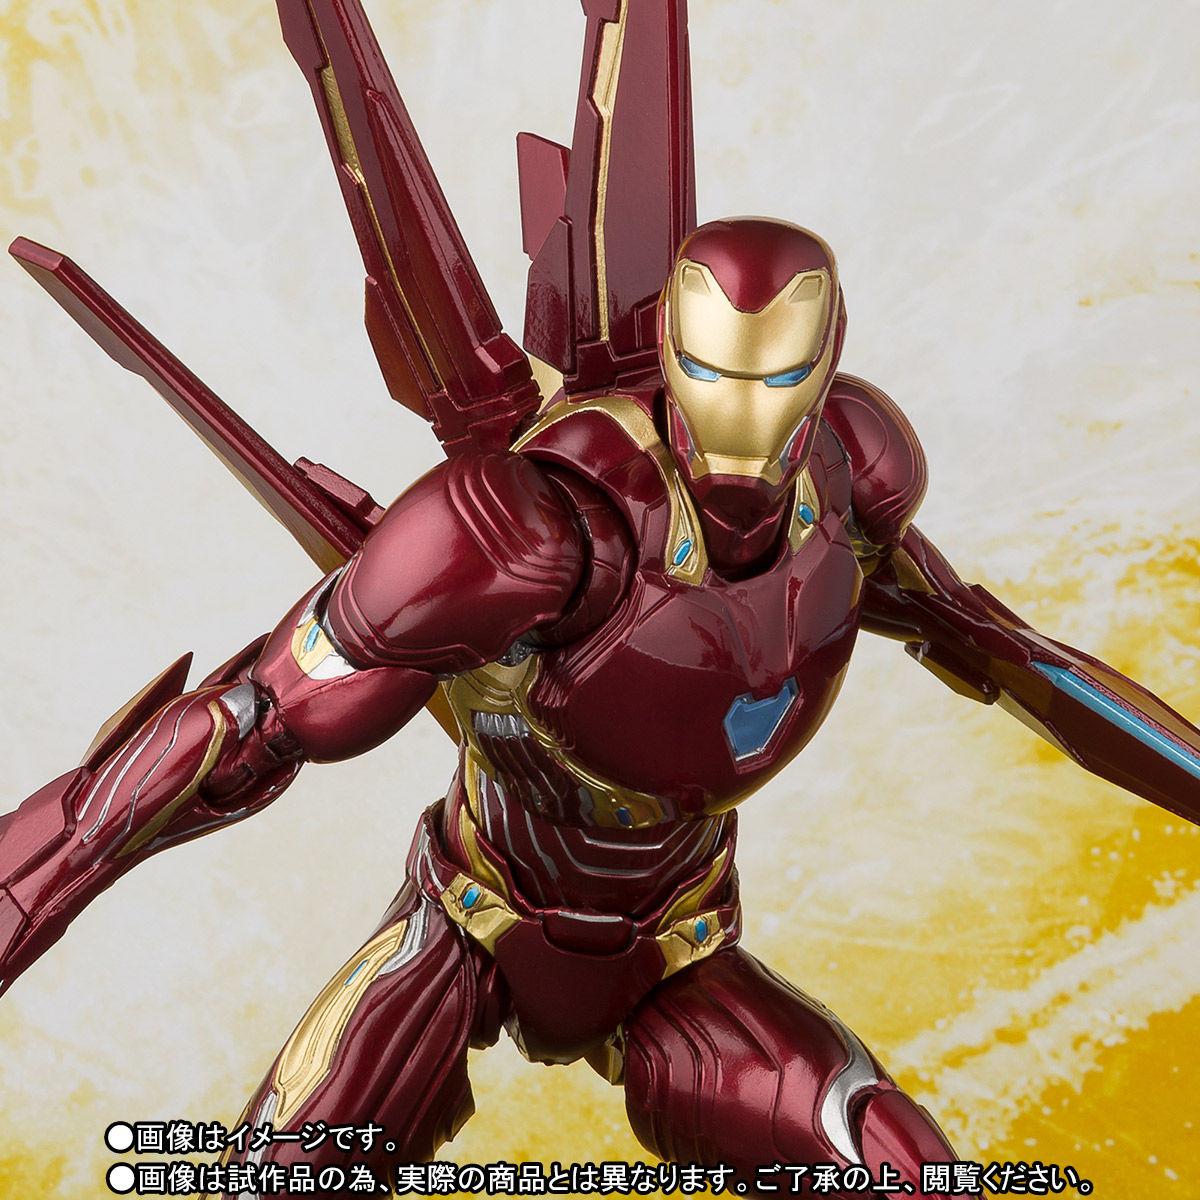 S.H.フィギュアーツ『アイアンマン マーク50 ナノウェポンセット』アベンジャーズ/インフィニティ・ウォー 可動フィギュア-001